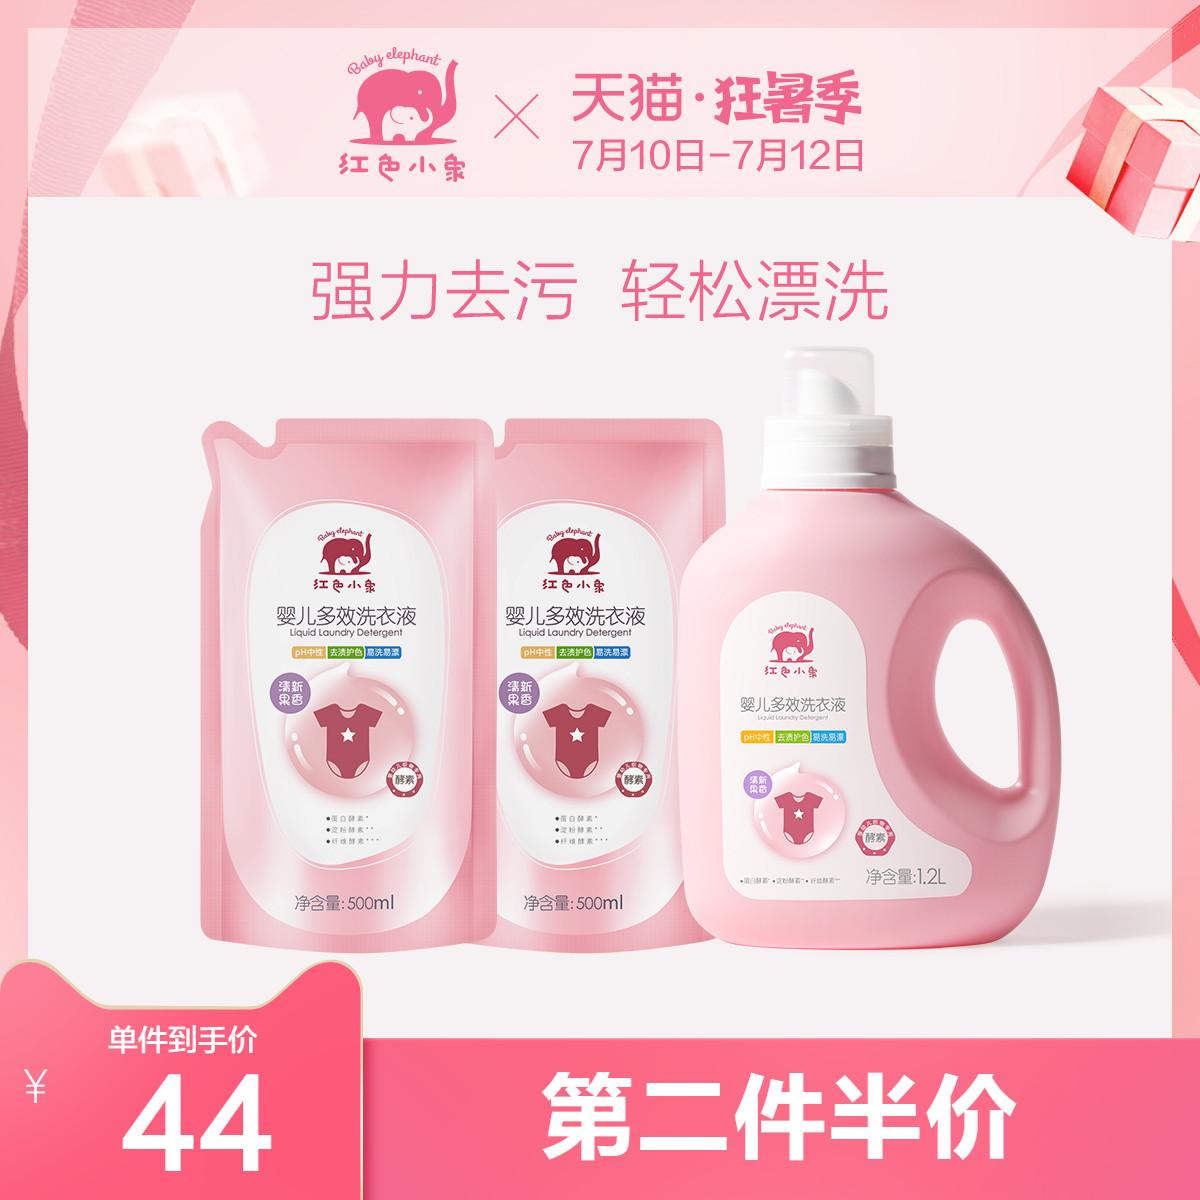 紅色小象嬰兒洗衣液嬰幼兒寶寶專用新生兒童特惠裝天然bb皂液正品